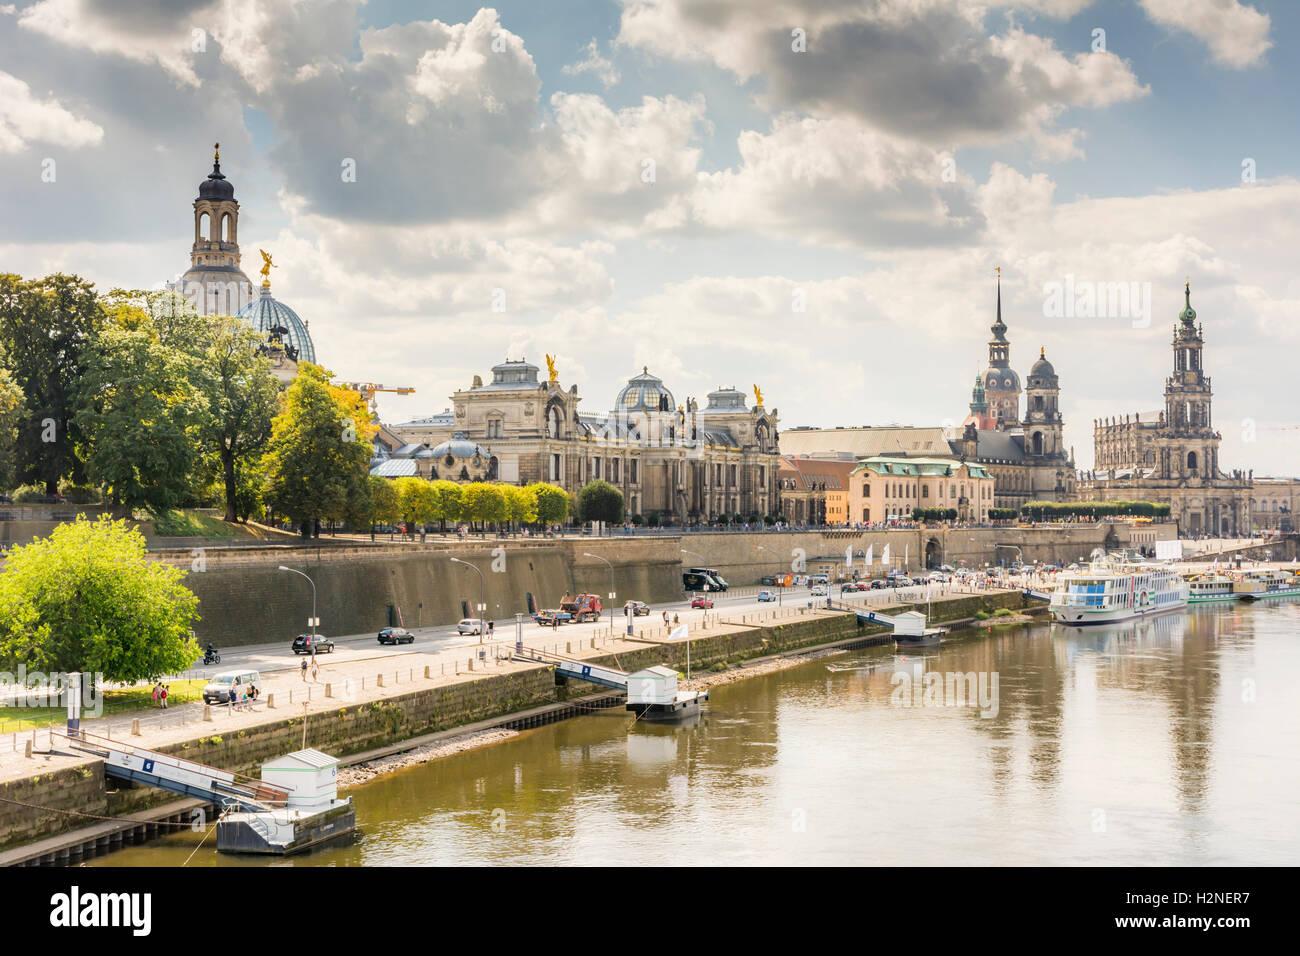 DRESDEN, Alemania - 22 de agosto: Turistas en el paseo del río Elba en Dresde, Alemania el 22 de agosto de Imagen De Stock